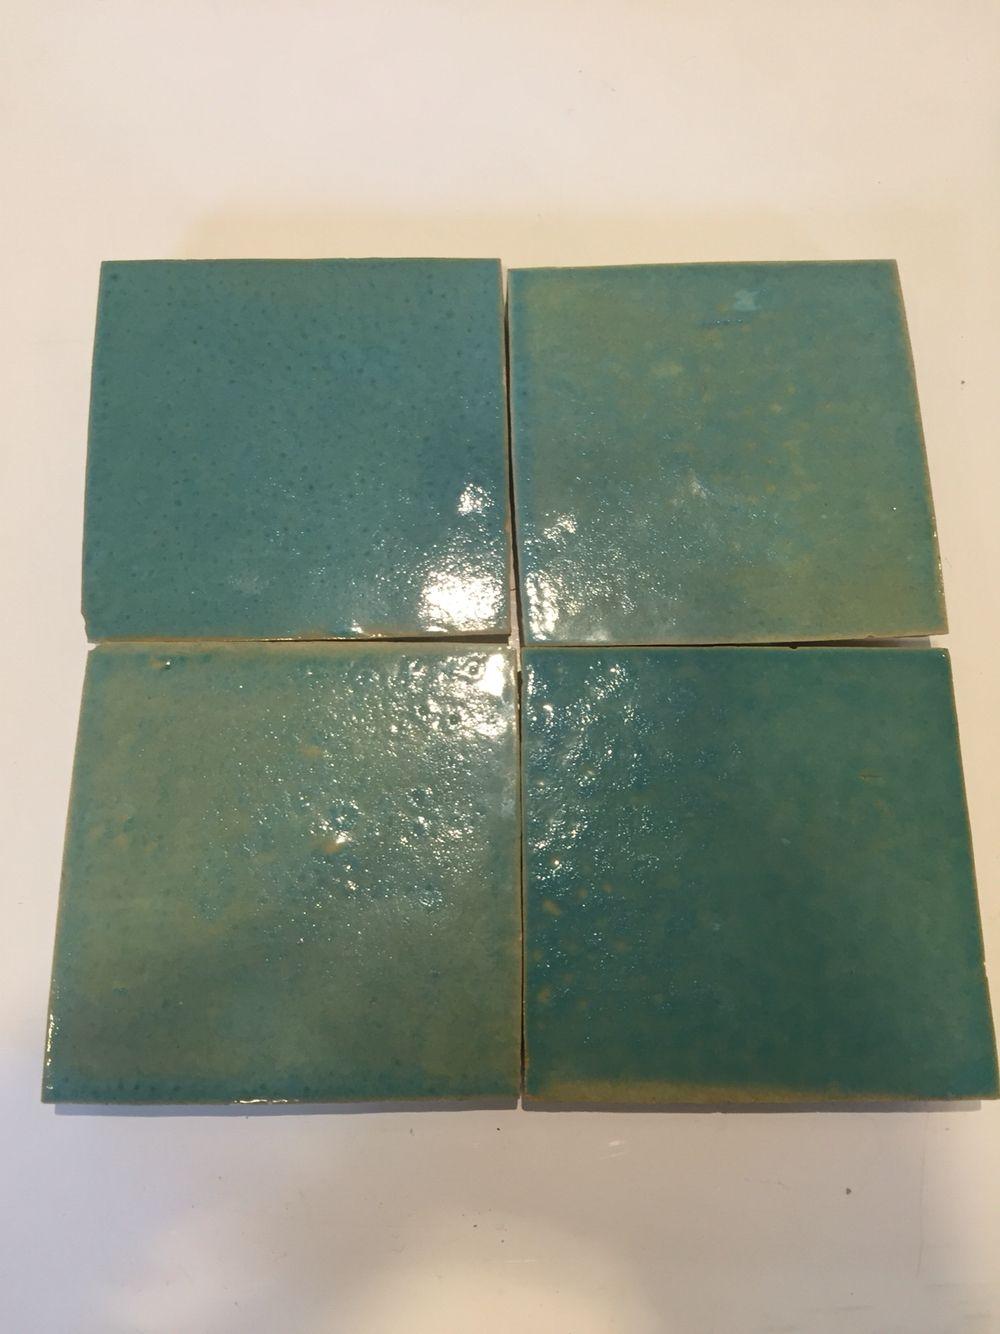 zelliges aqua the best color nu weer voorradig by koltegels in